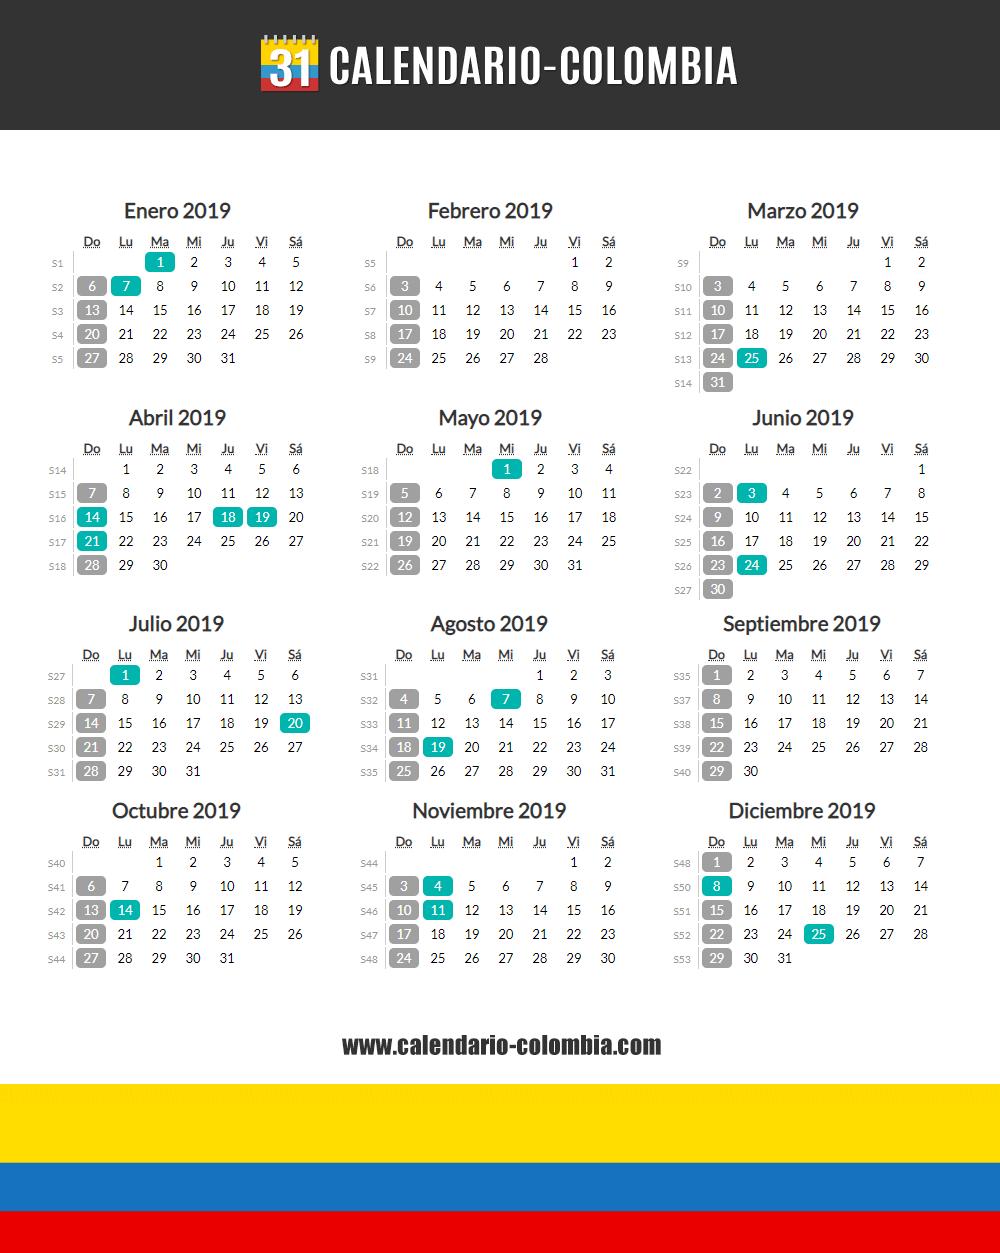 Calendario Festivo.Calendario 2019 Colombia Calendario 2019 Colombia